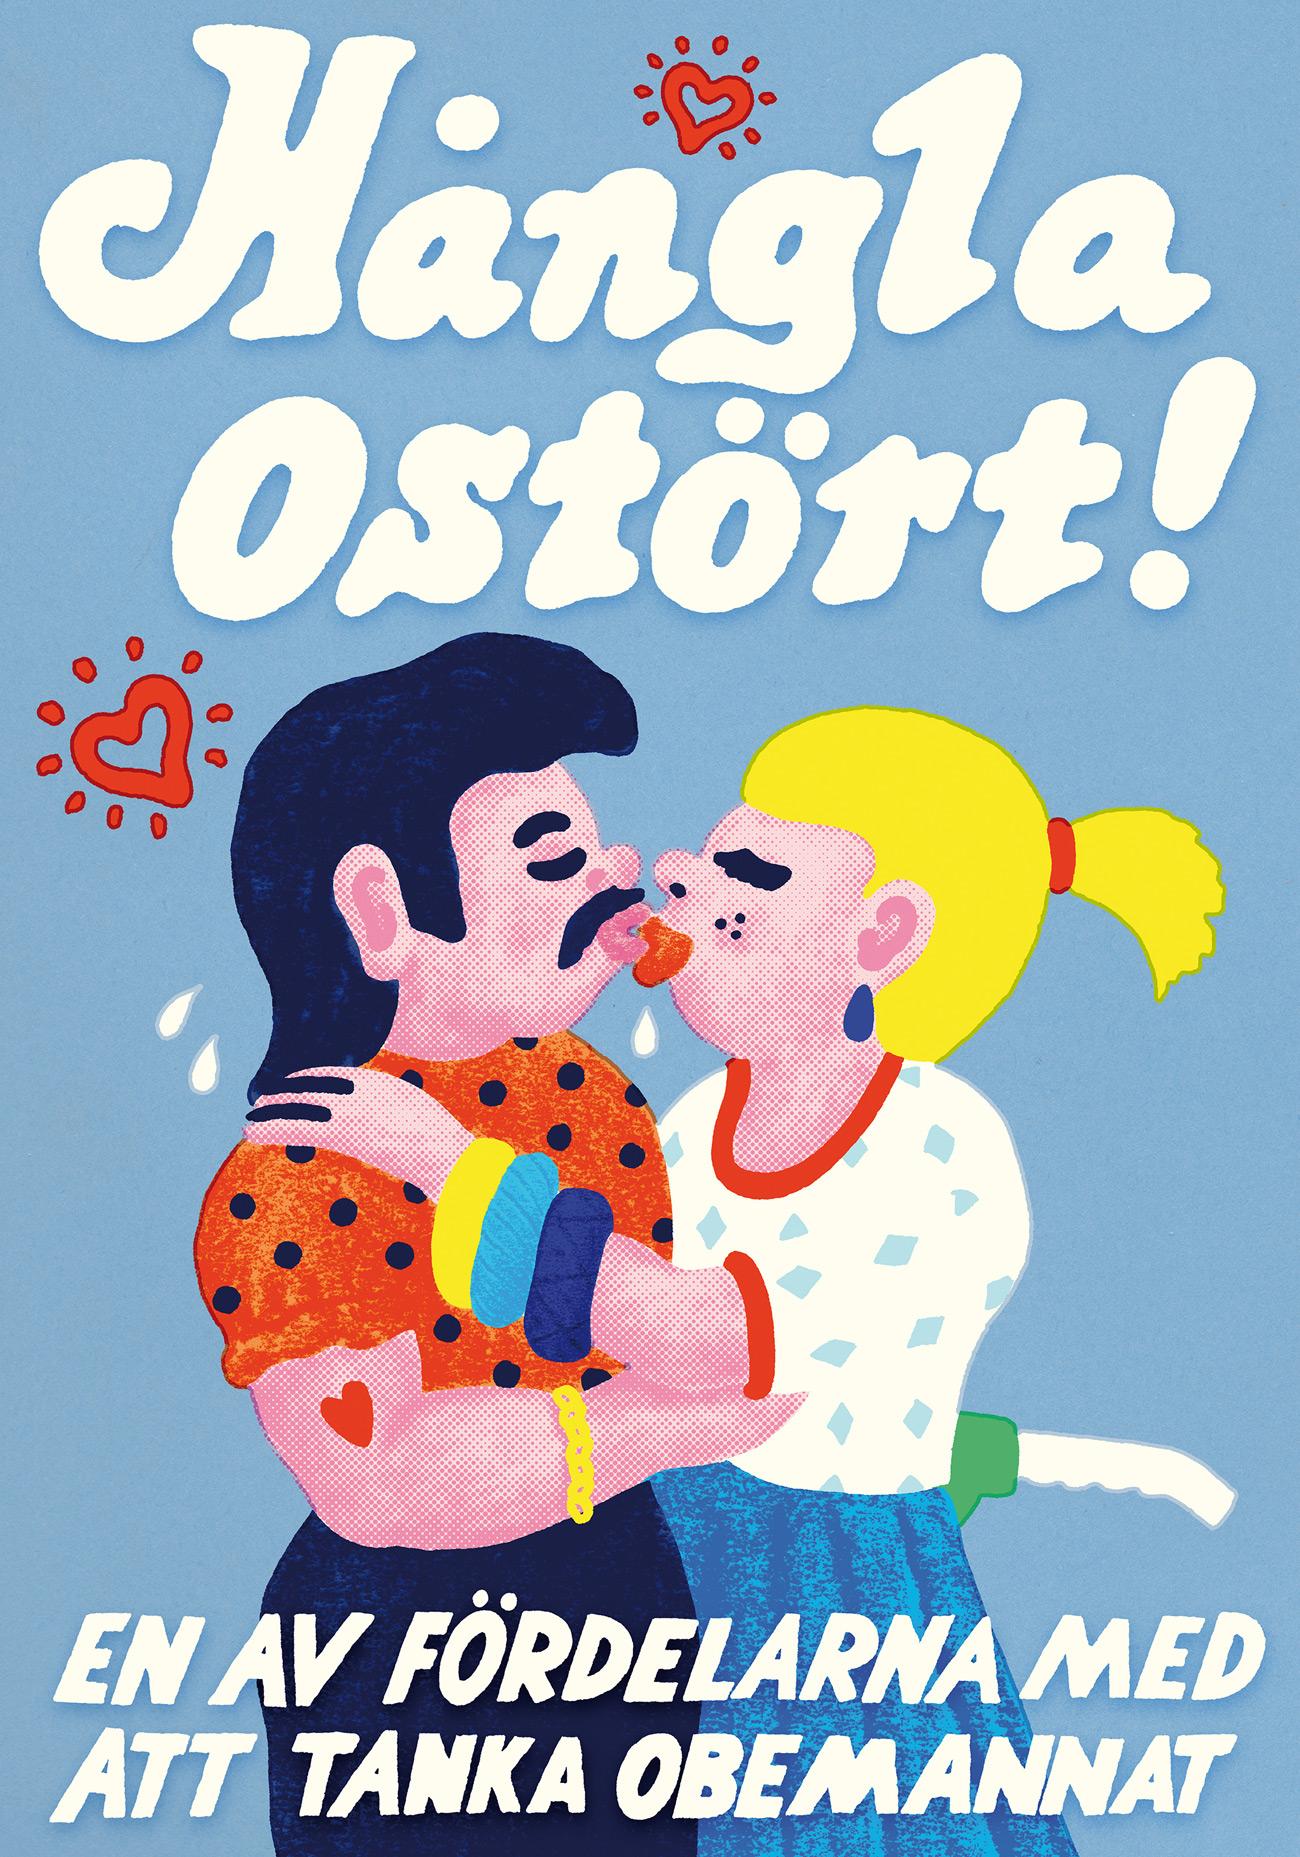 An den unbemannten Tankstellen von ST1 kann man sich ungestört daneben benehmen – behauptet diese schwedische Kampagne mit Illustrationen von Robin Ellis alias Sac Magique